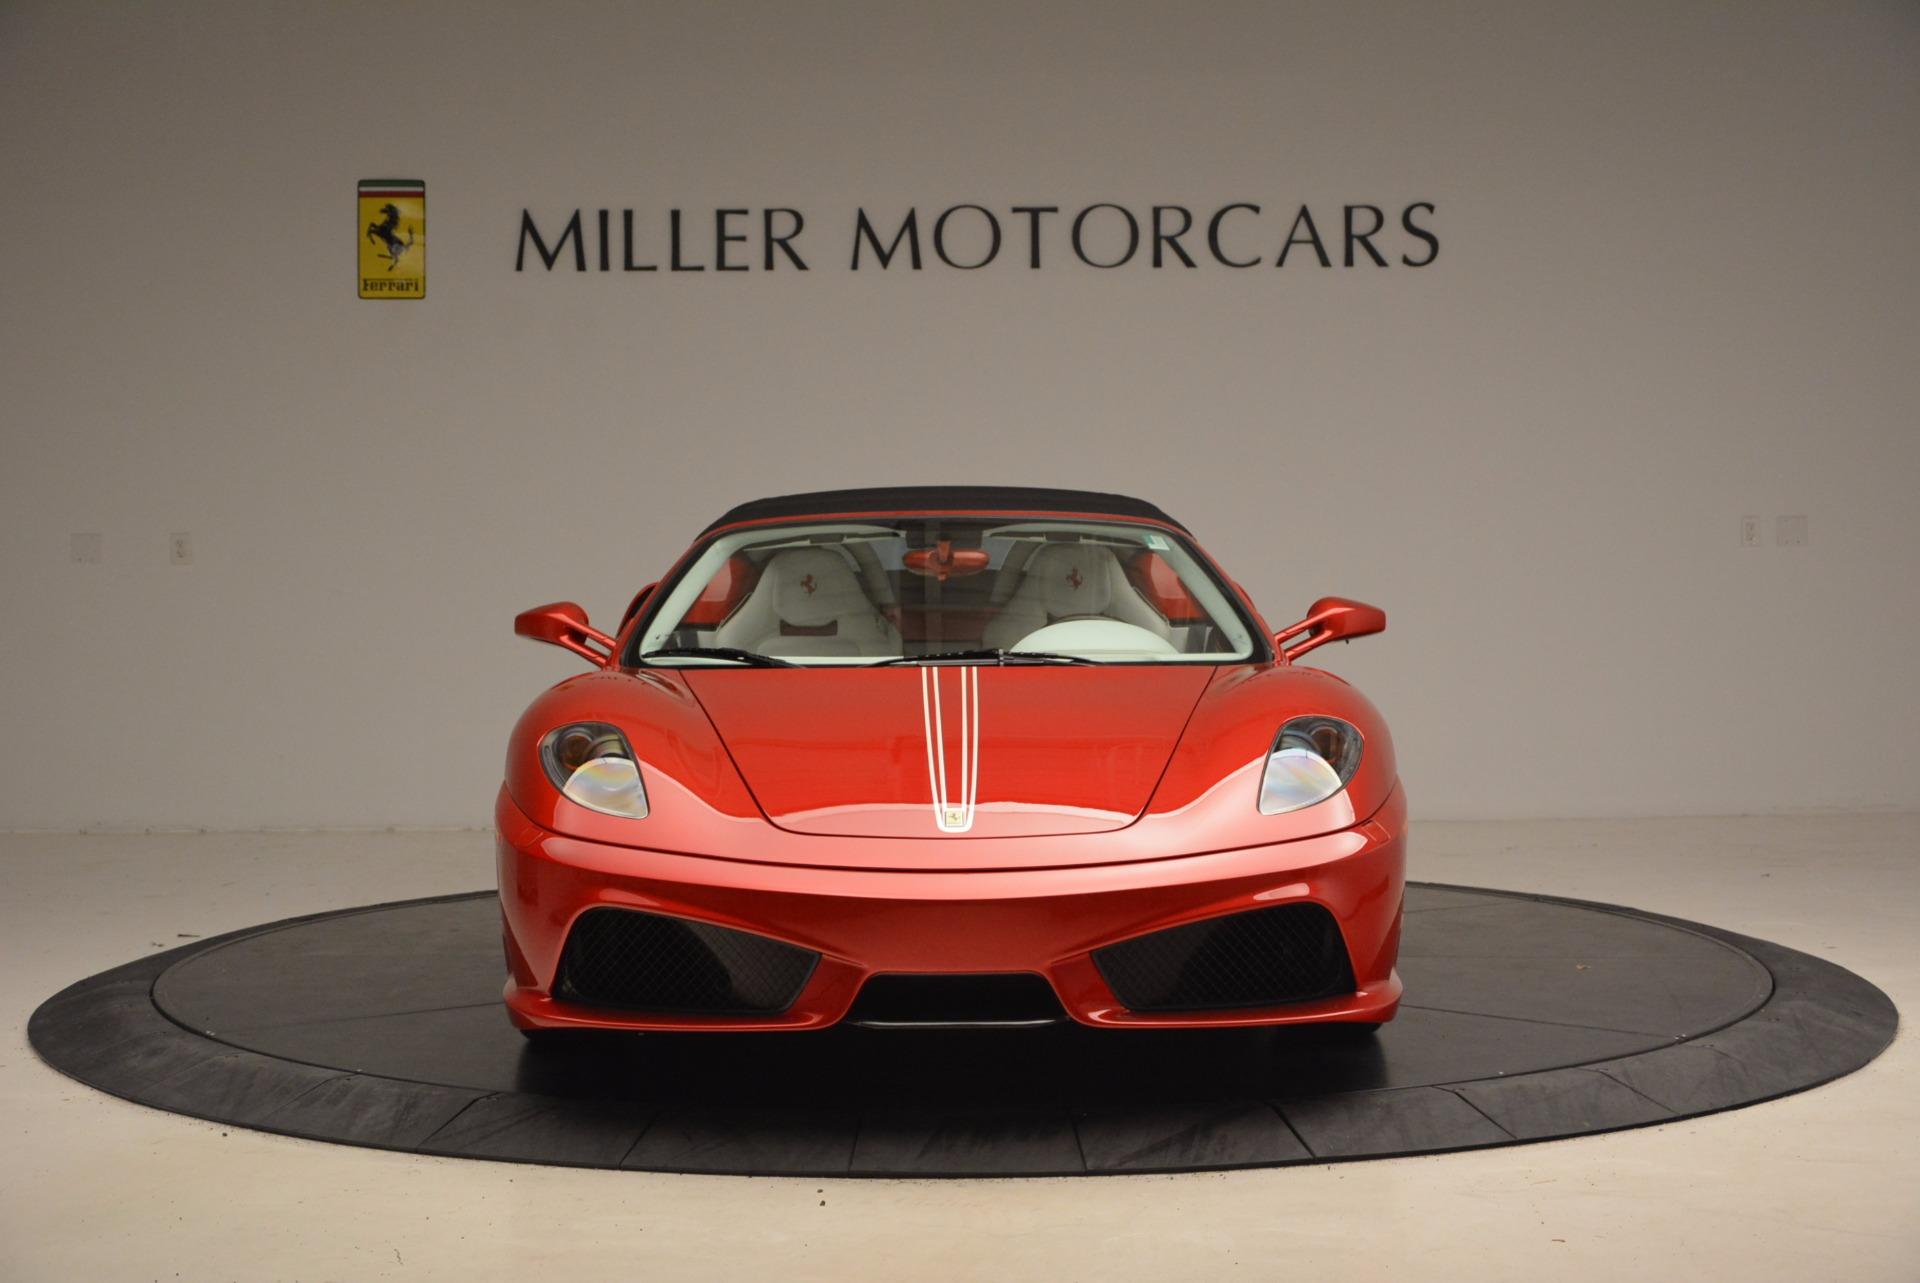 Used 2009 Ferrari F430 Scuderia 16M For Sale In Greenwich, CT 1398_p24